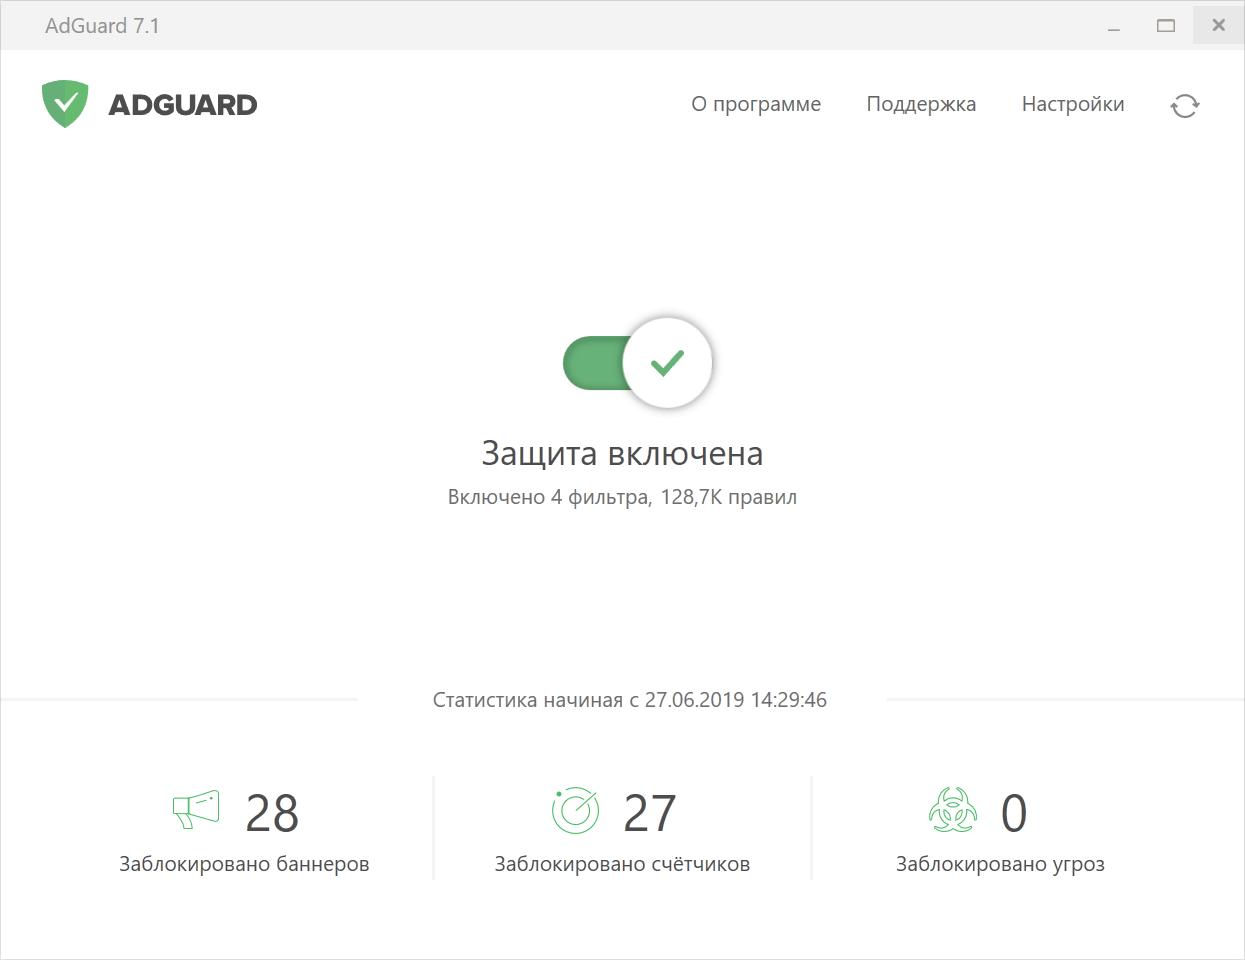 Adguard - блокировка рекламы в браузере Адгуард